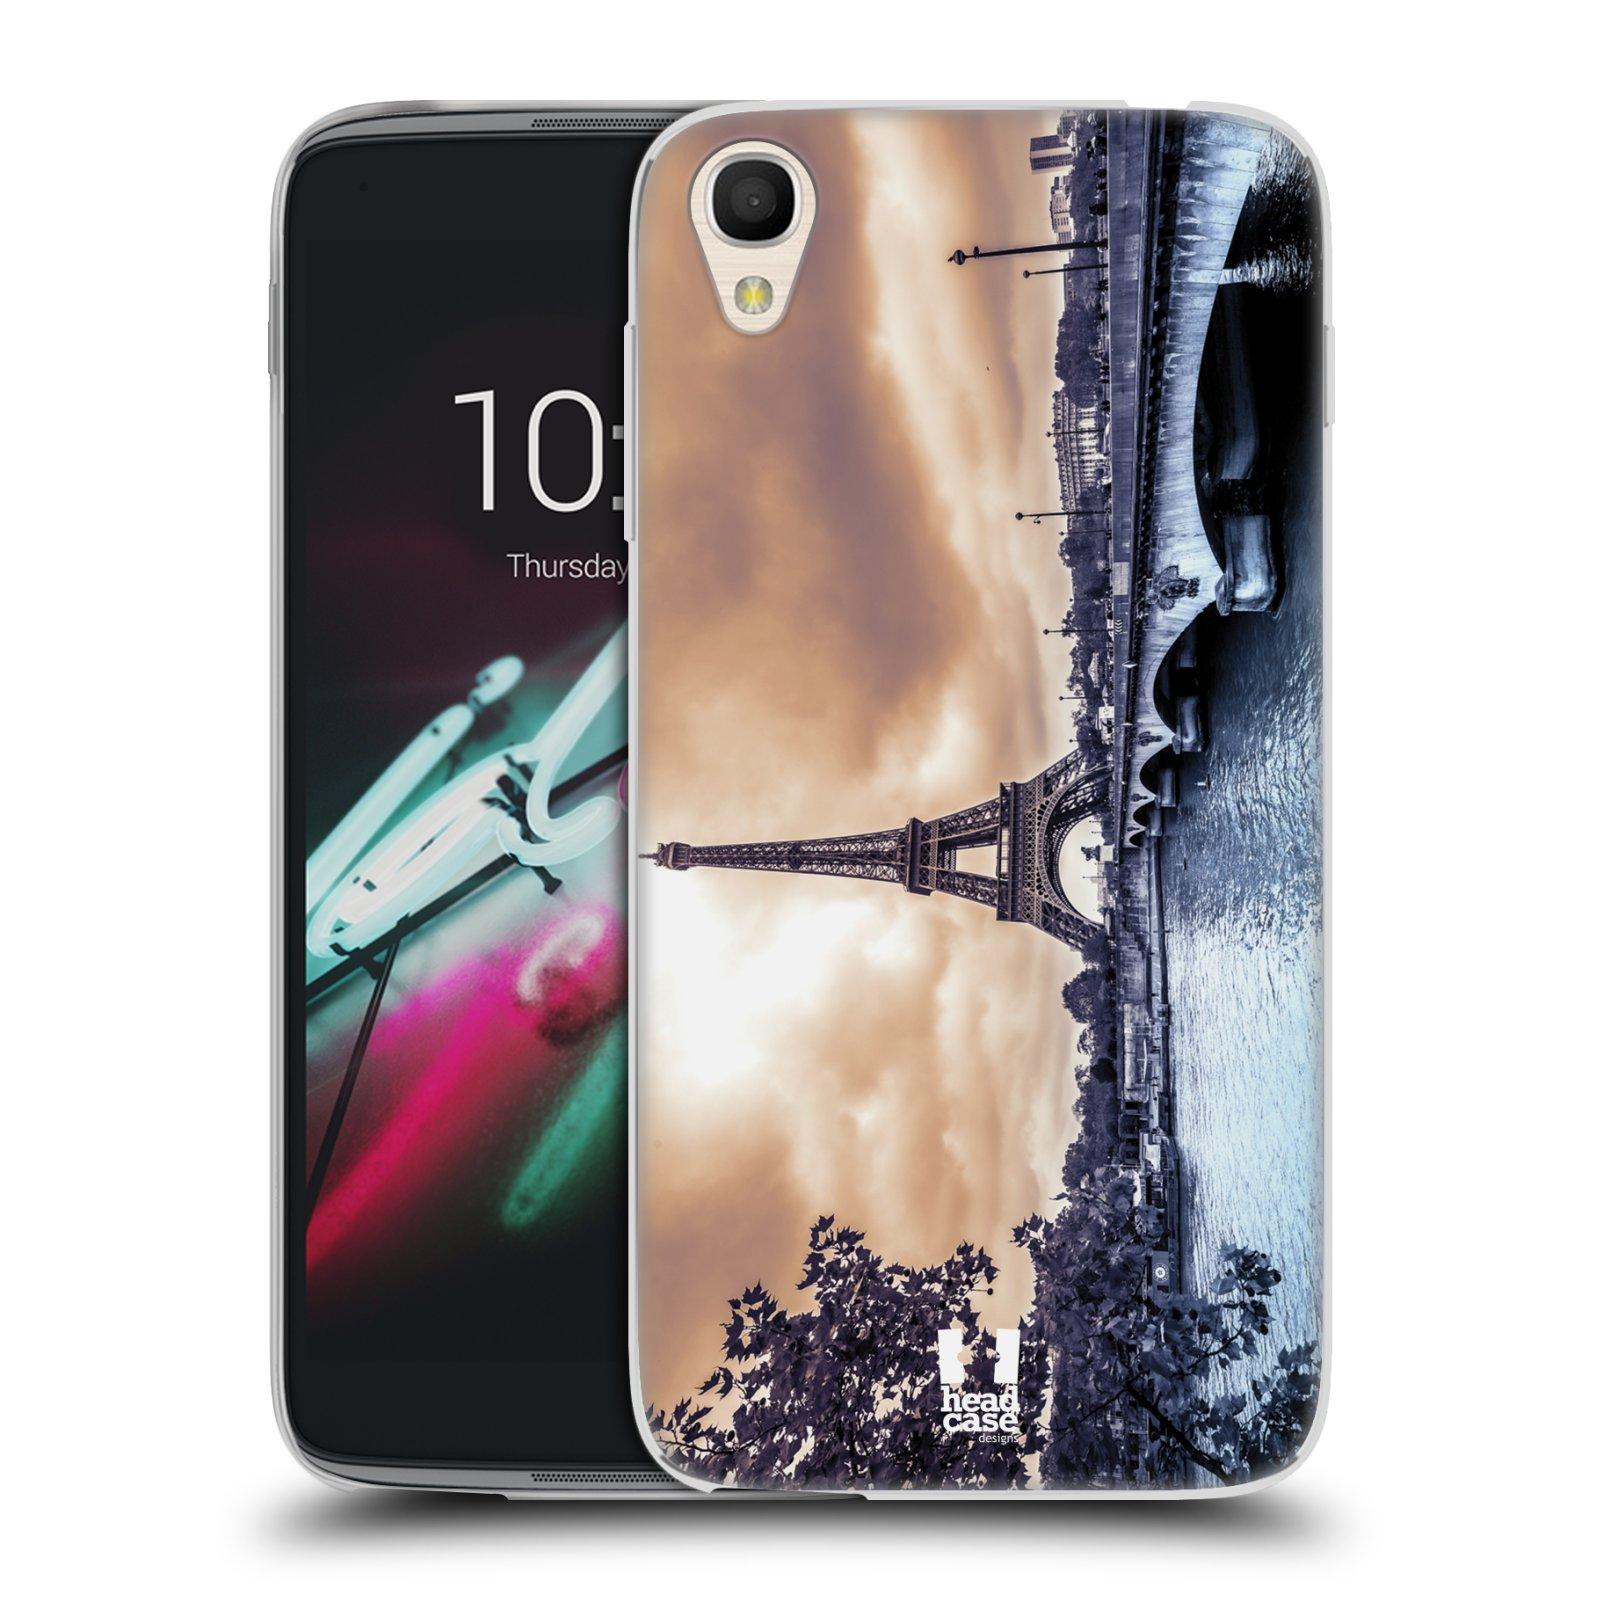 HEAD CASE silikonový obal na mobil Alcatel Idol 3 OT-6039Y (4.7) vzor Panoramata měst horizontální foto DEŠTIVÝ DEN V PAŘÍŽI, FRANCIE